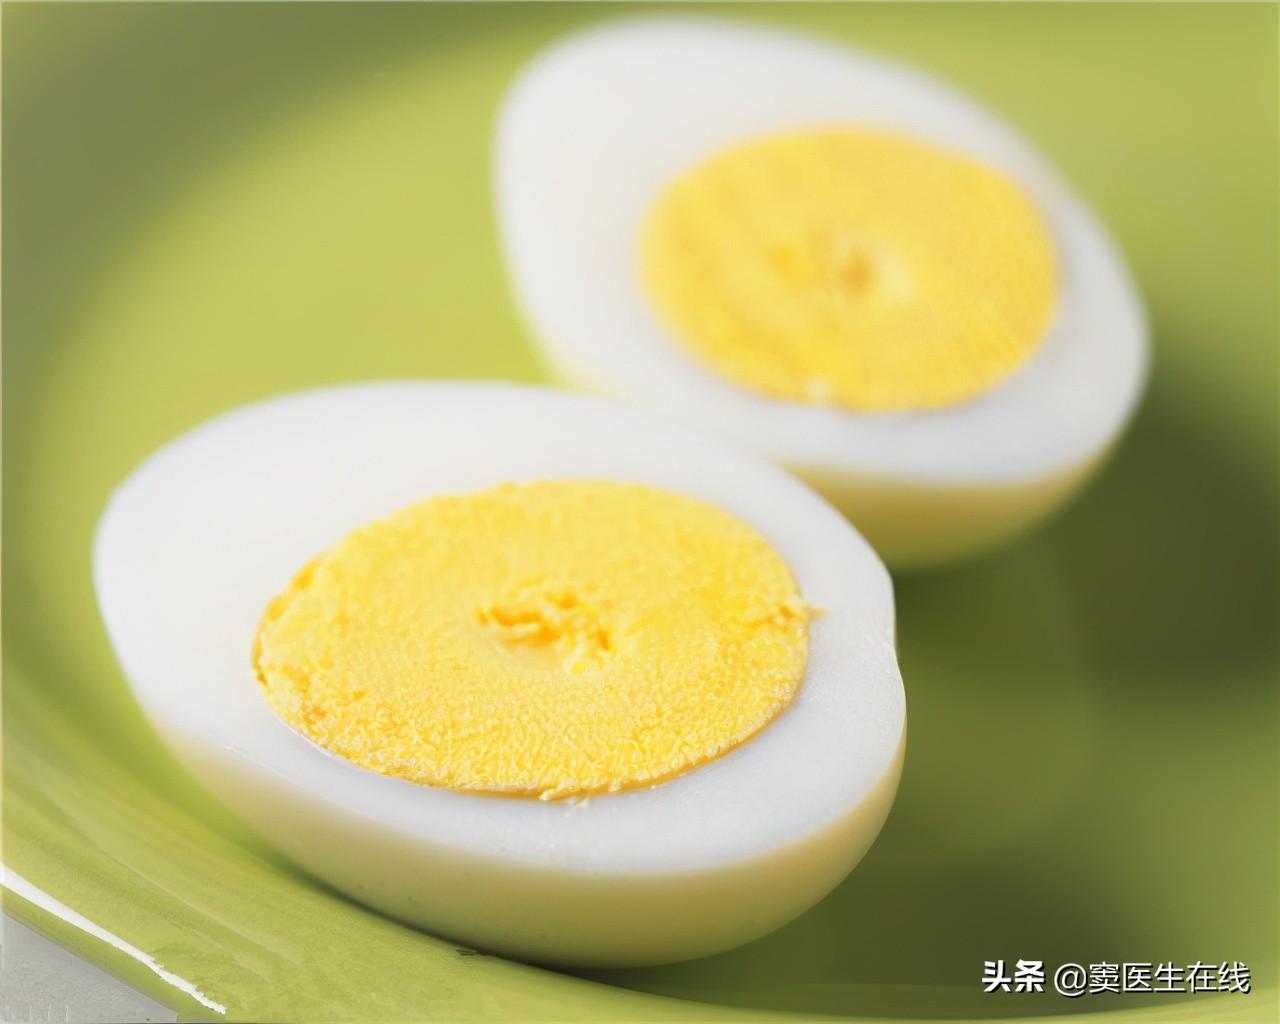 鸡蛋不能多吃?胆固醇升高,对胃还不好,事实真的是这样的吗?